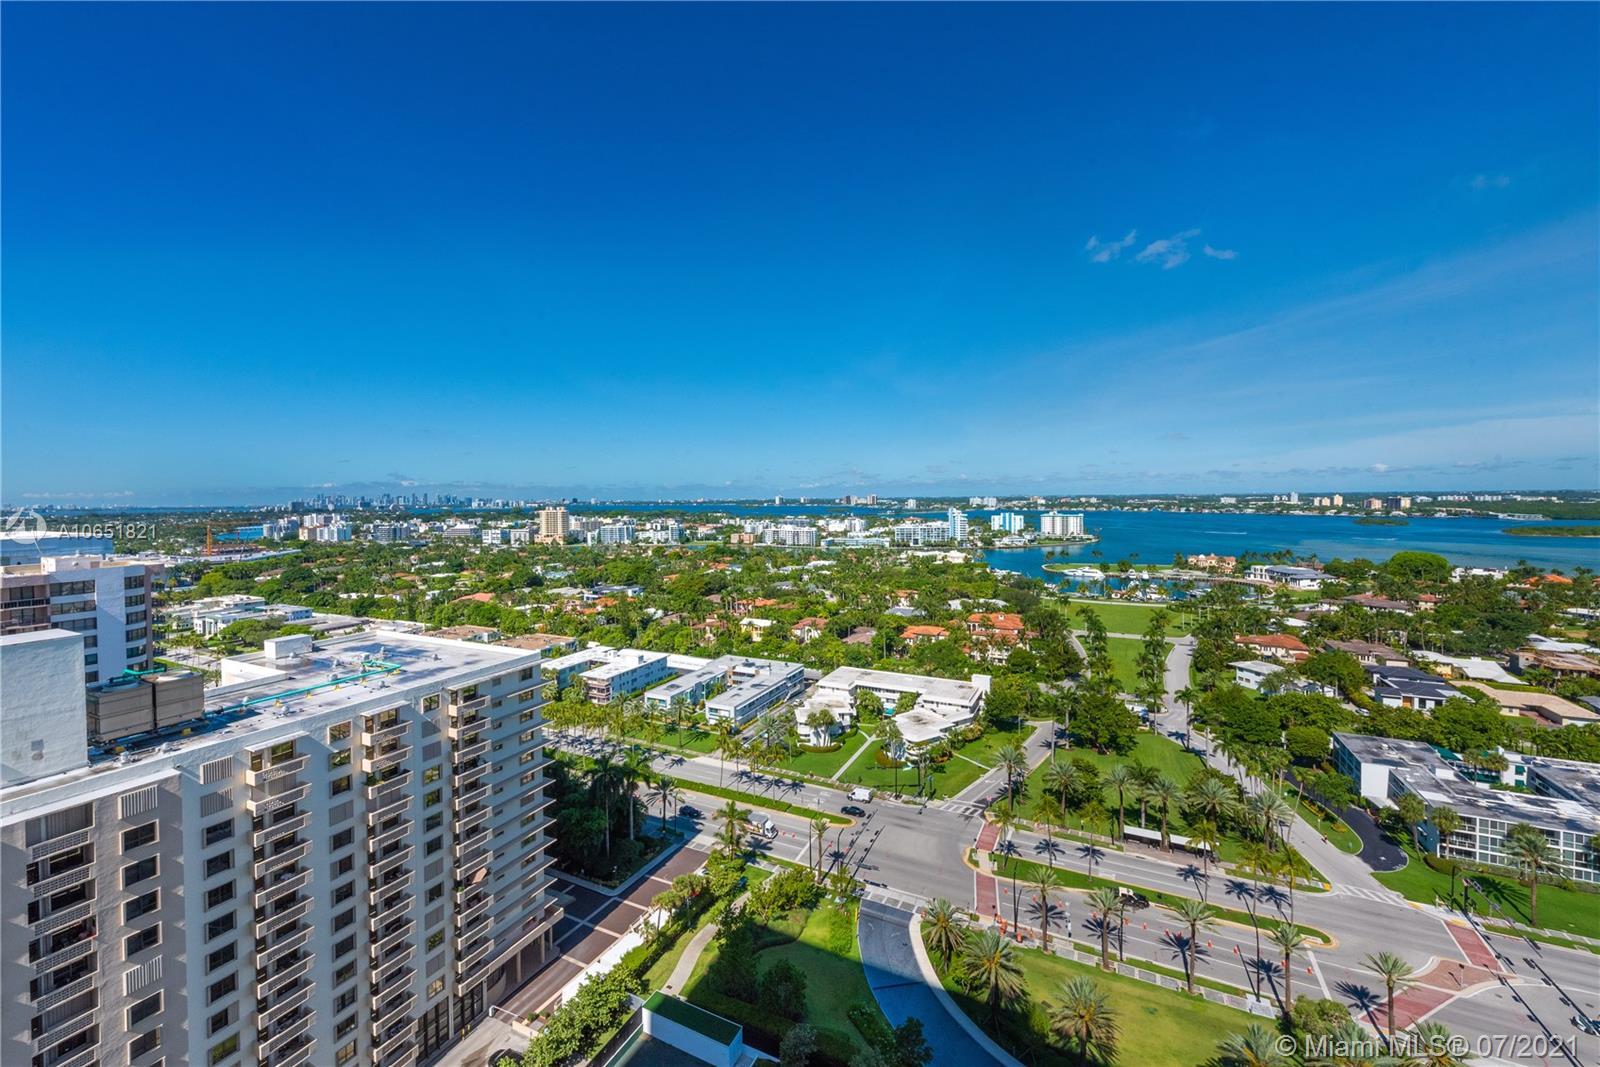 10201 Collins Ave Unit 2107 W, Bal Harbour, Florida 33154